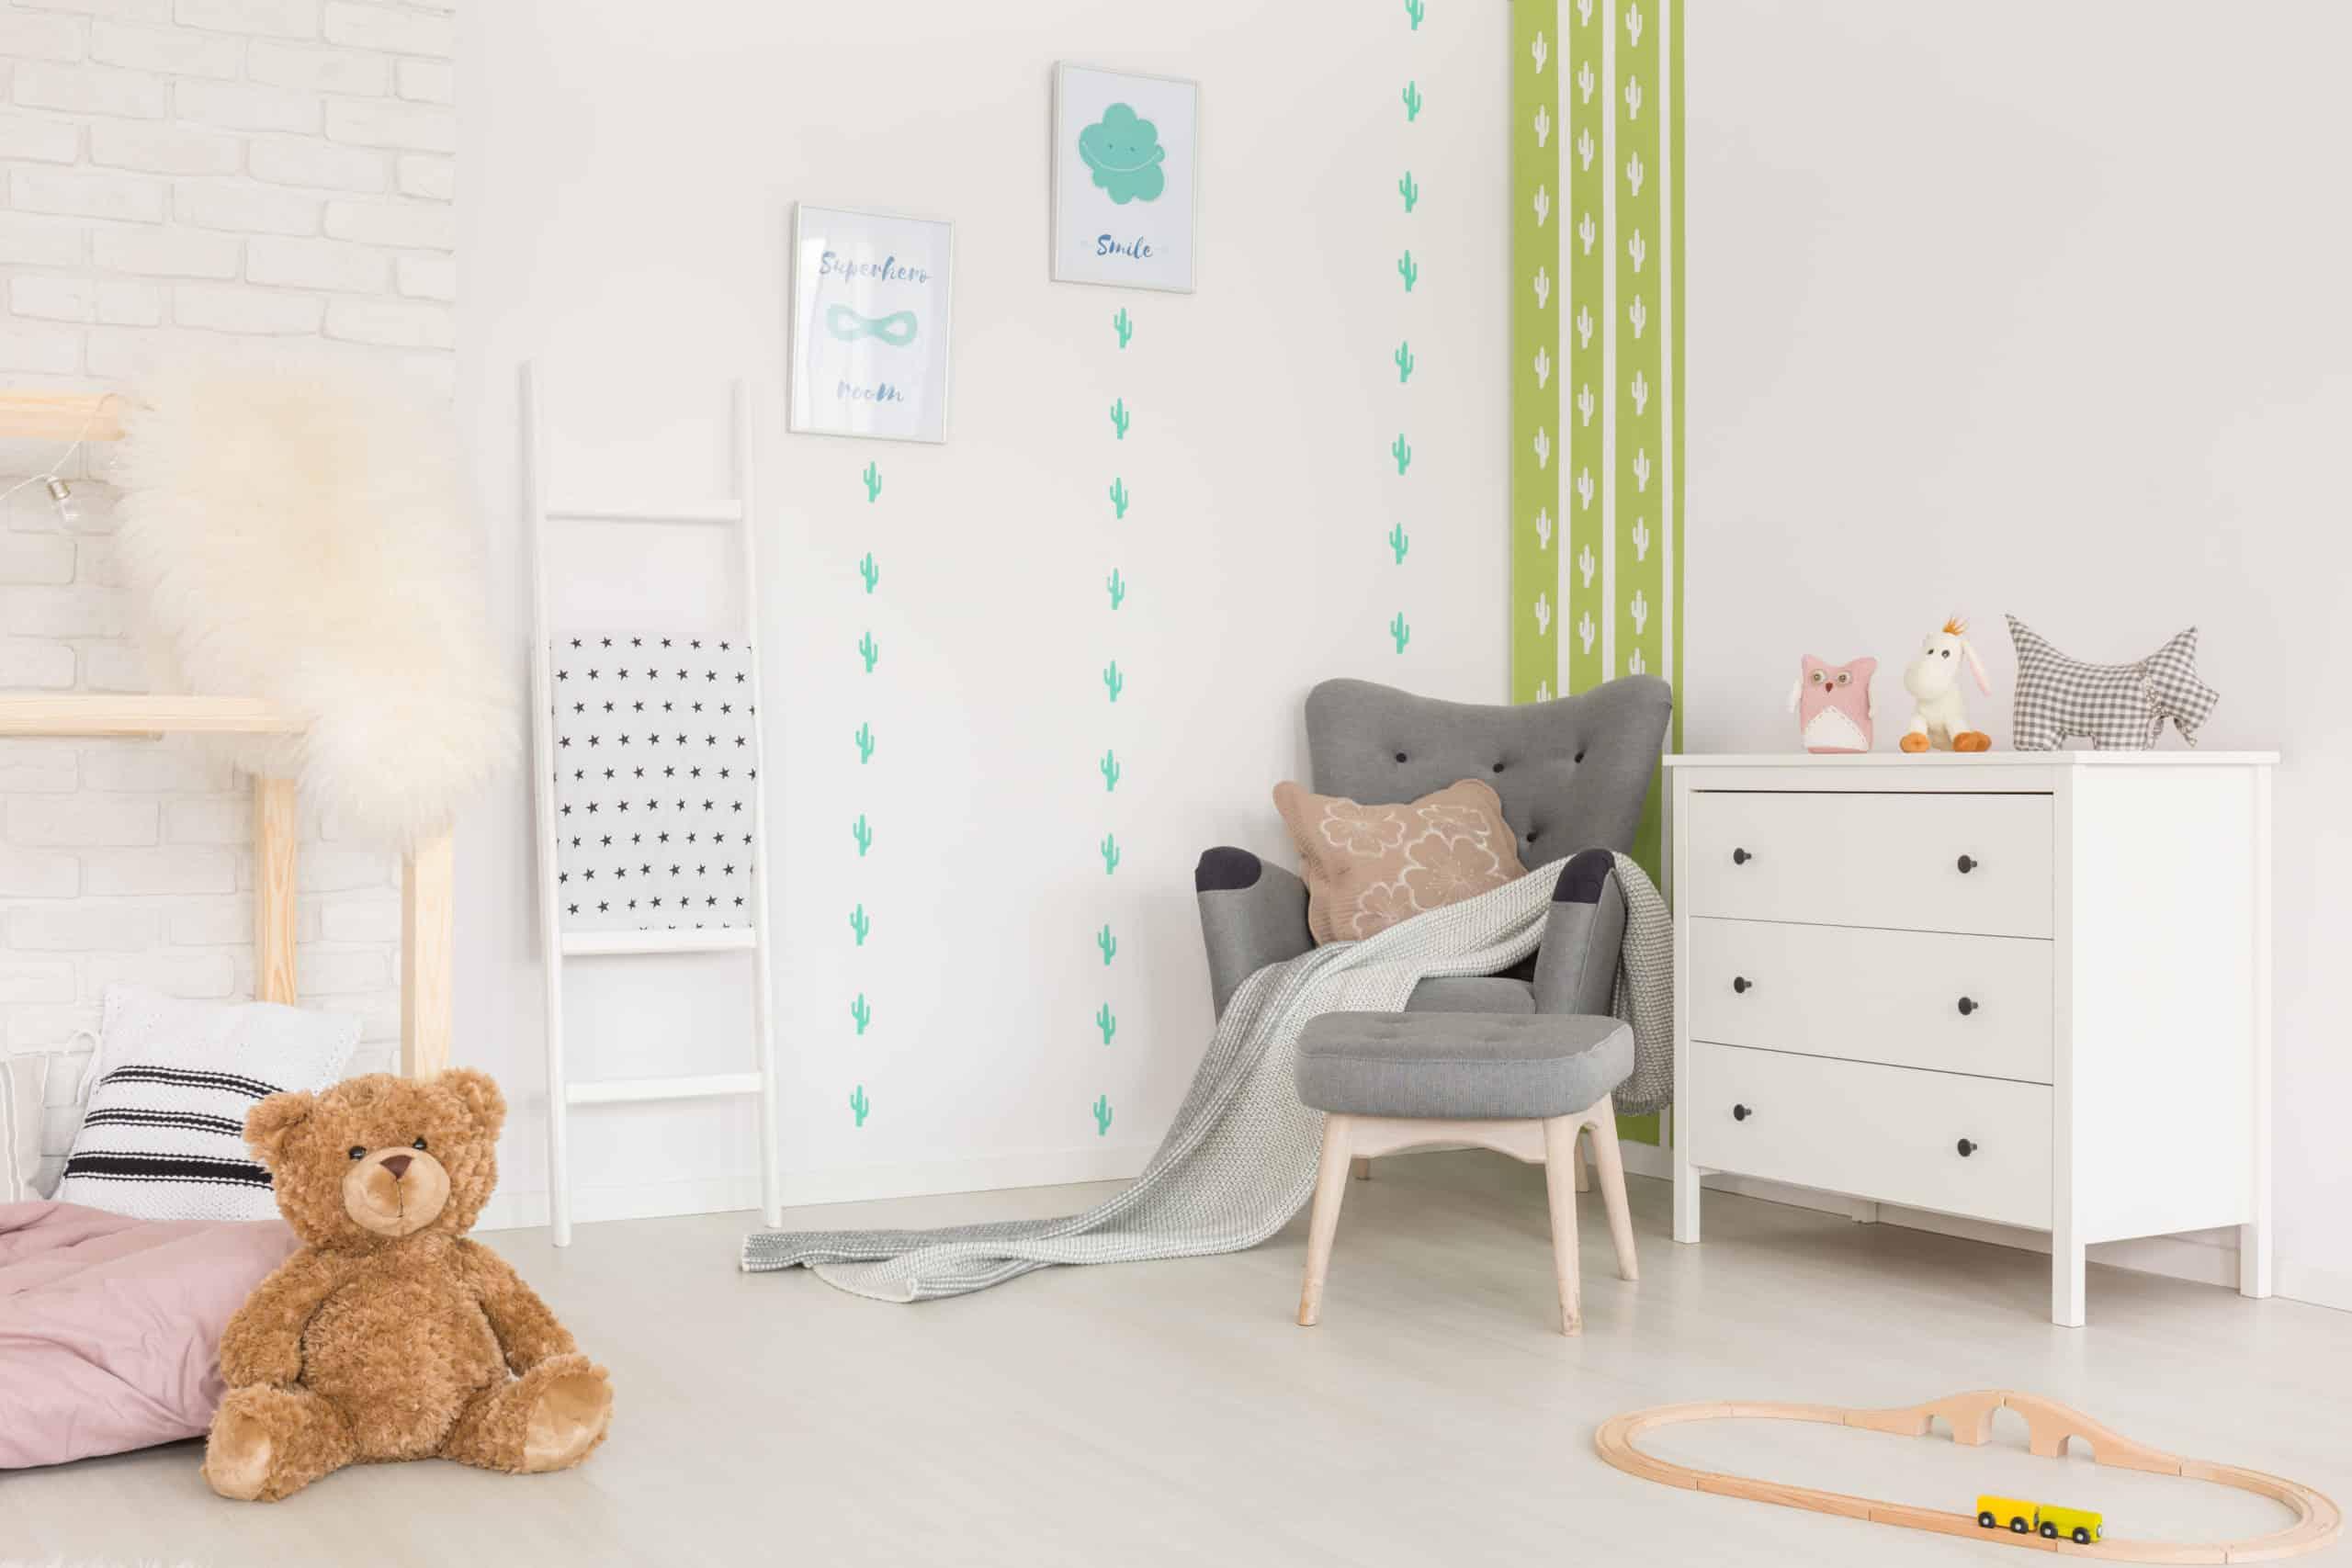 In dieses Zimmer würde eine Indoor Kinderrutsche gut hinein passen.